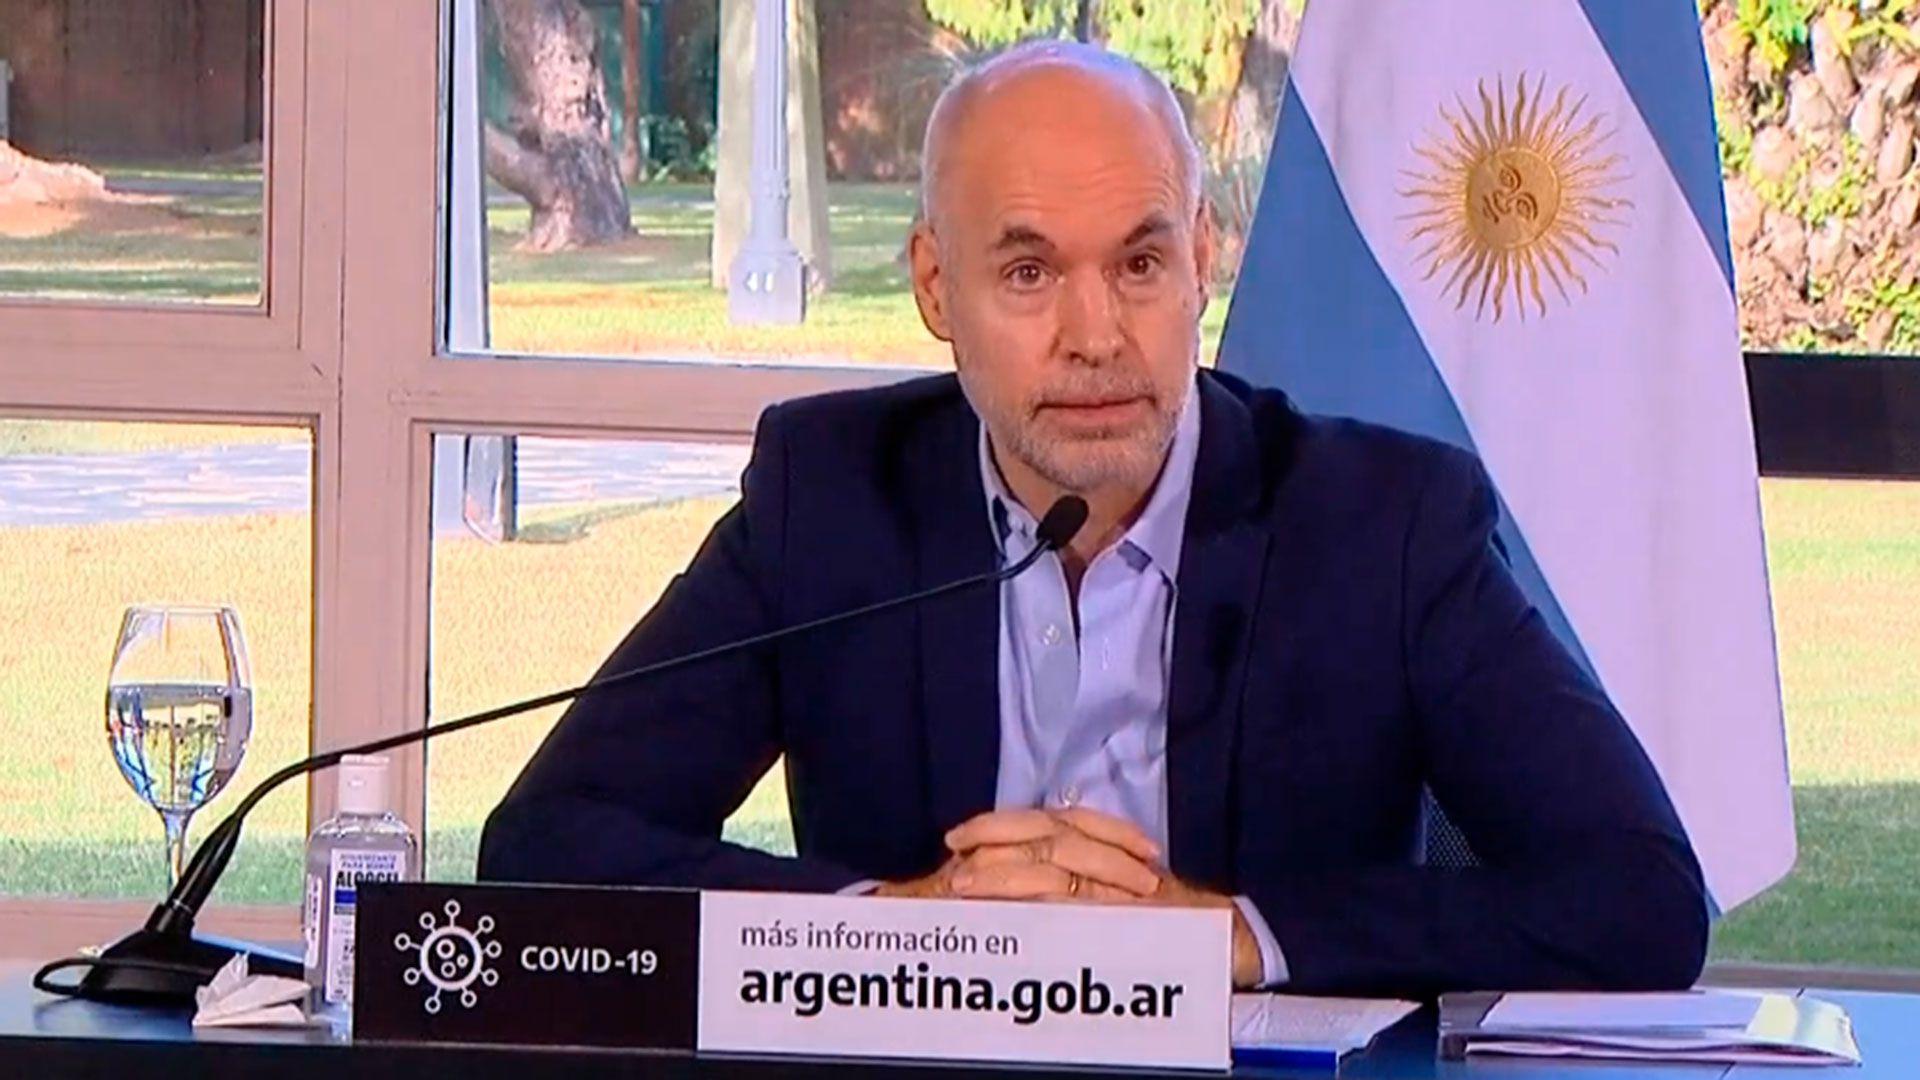 Anuncio Alberto Fernandez, Rodriguez Larreta y Kicillof - extension cuarentena - Olivos - 26 de junio 2020